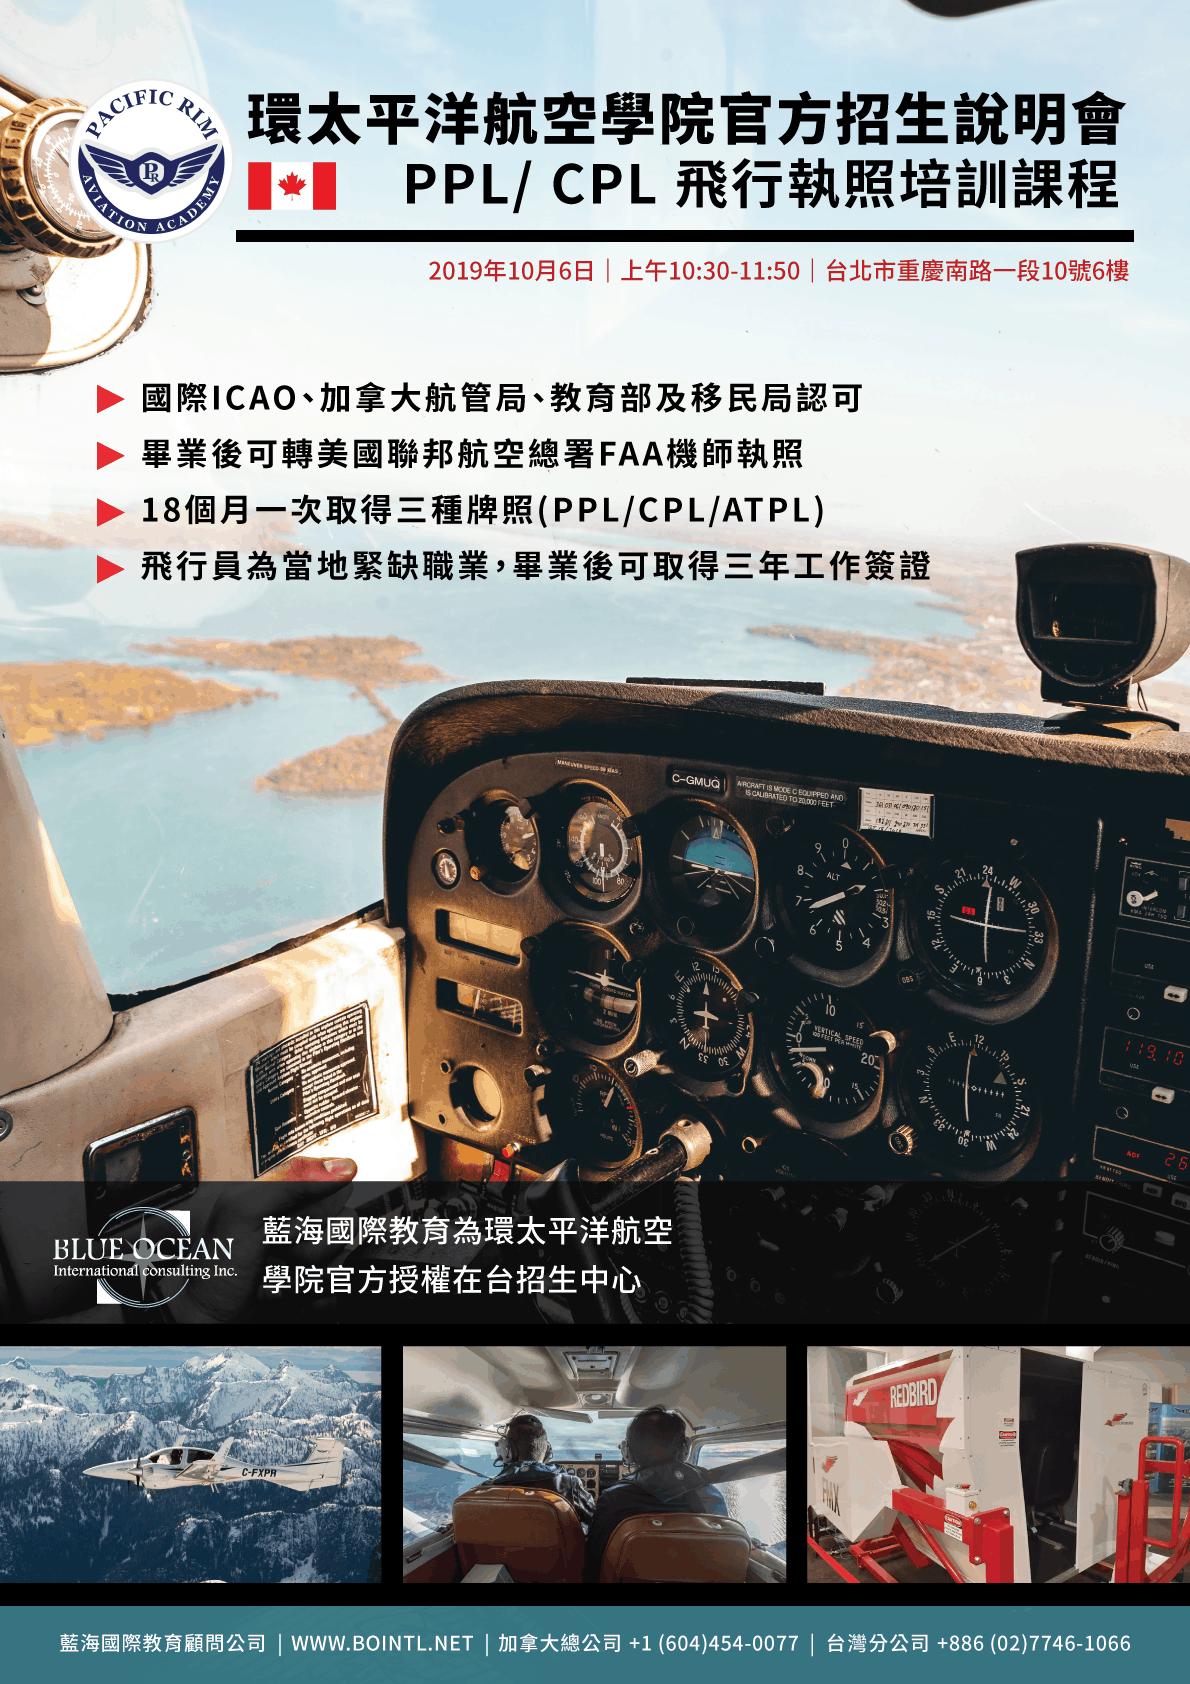 2019 加拿大環太平洋航空學院官方招生說明會 10/6 (日) (台北場)